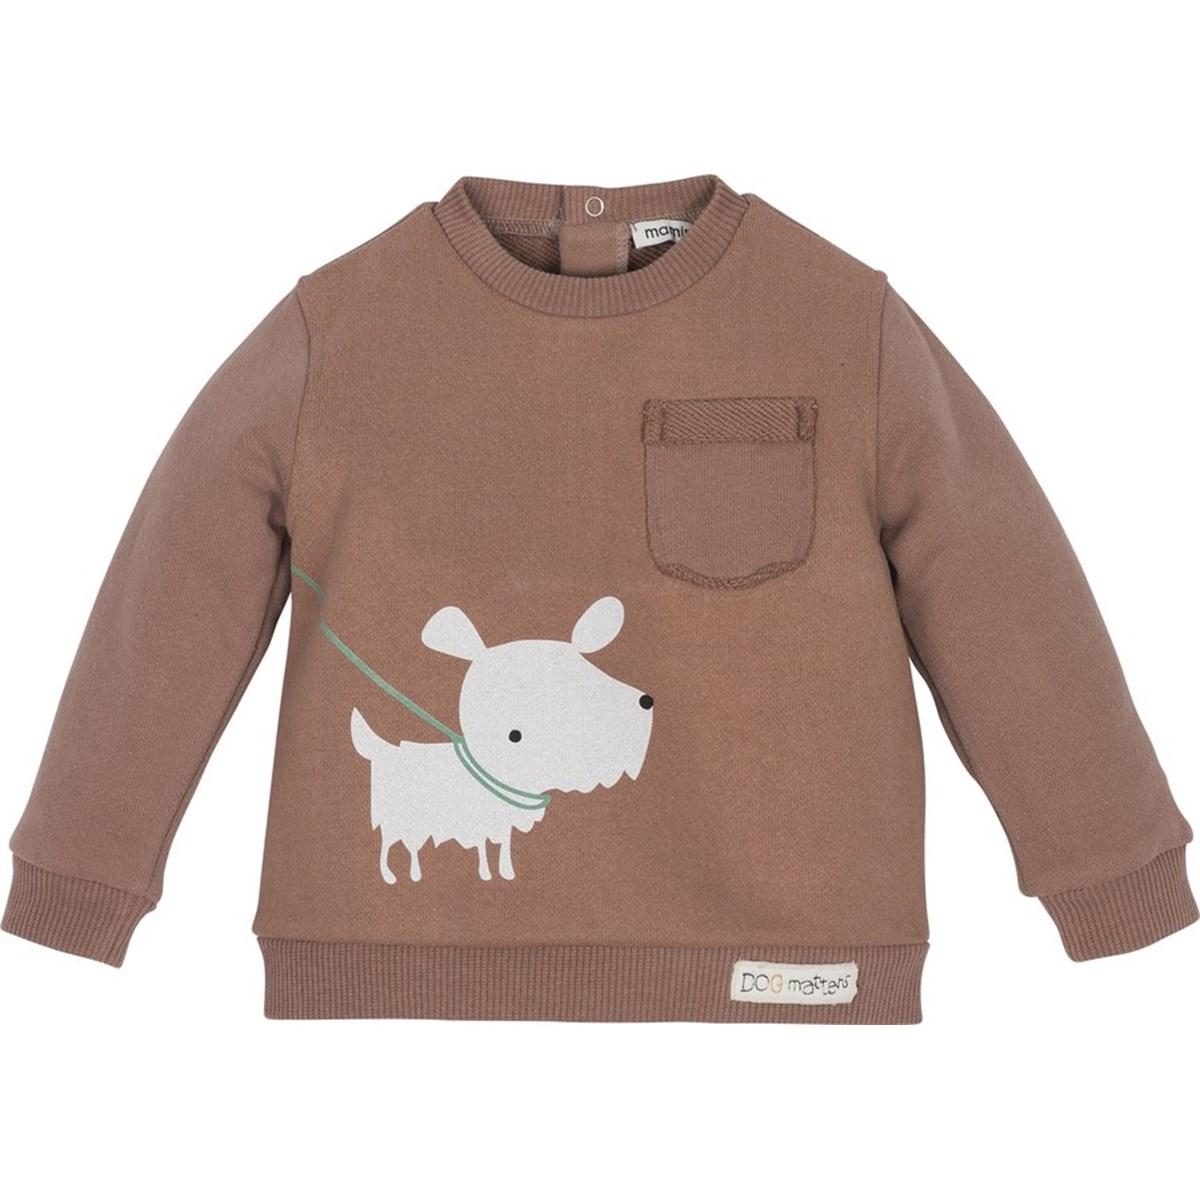 12533 Sweatshirt 1